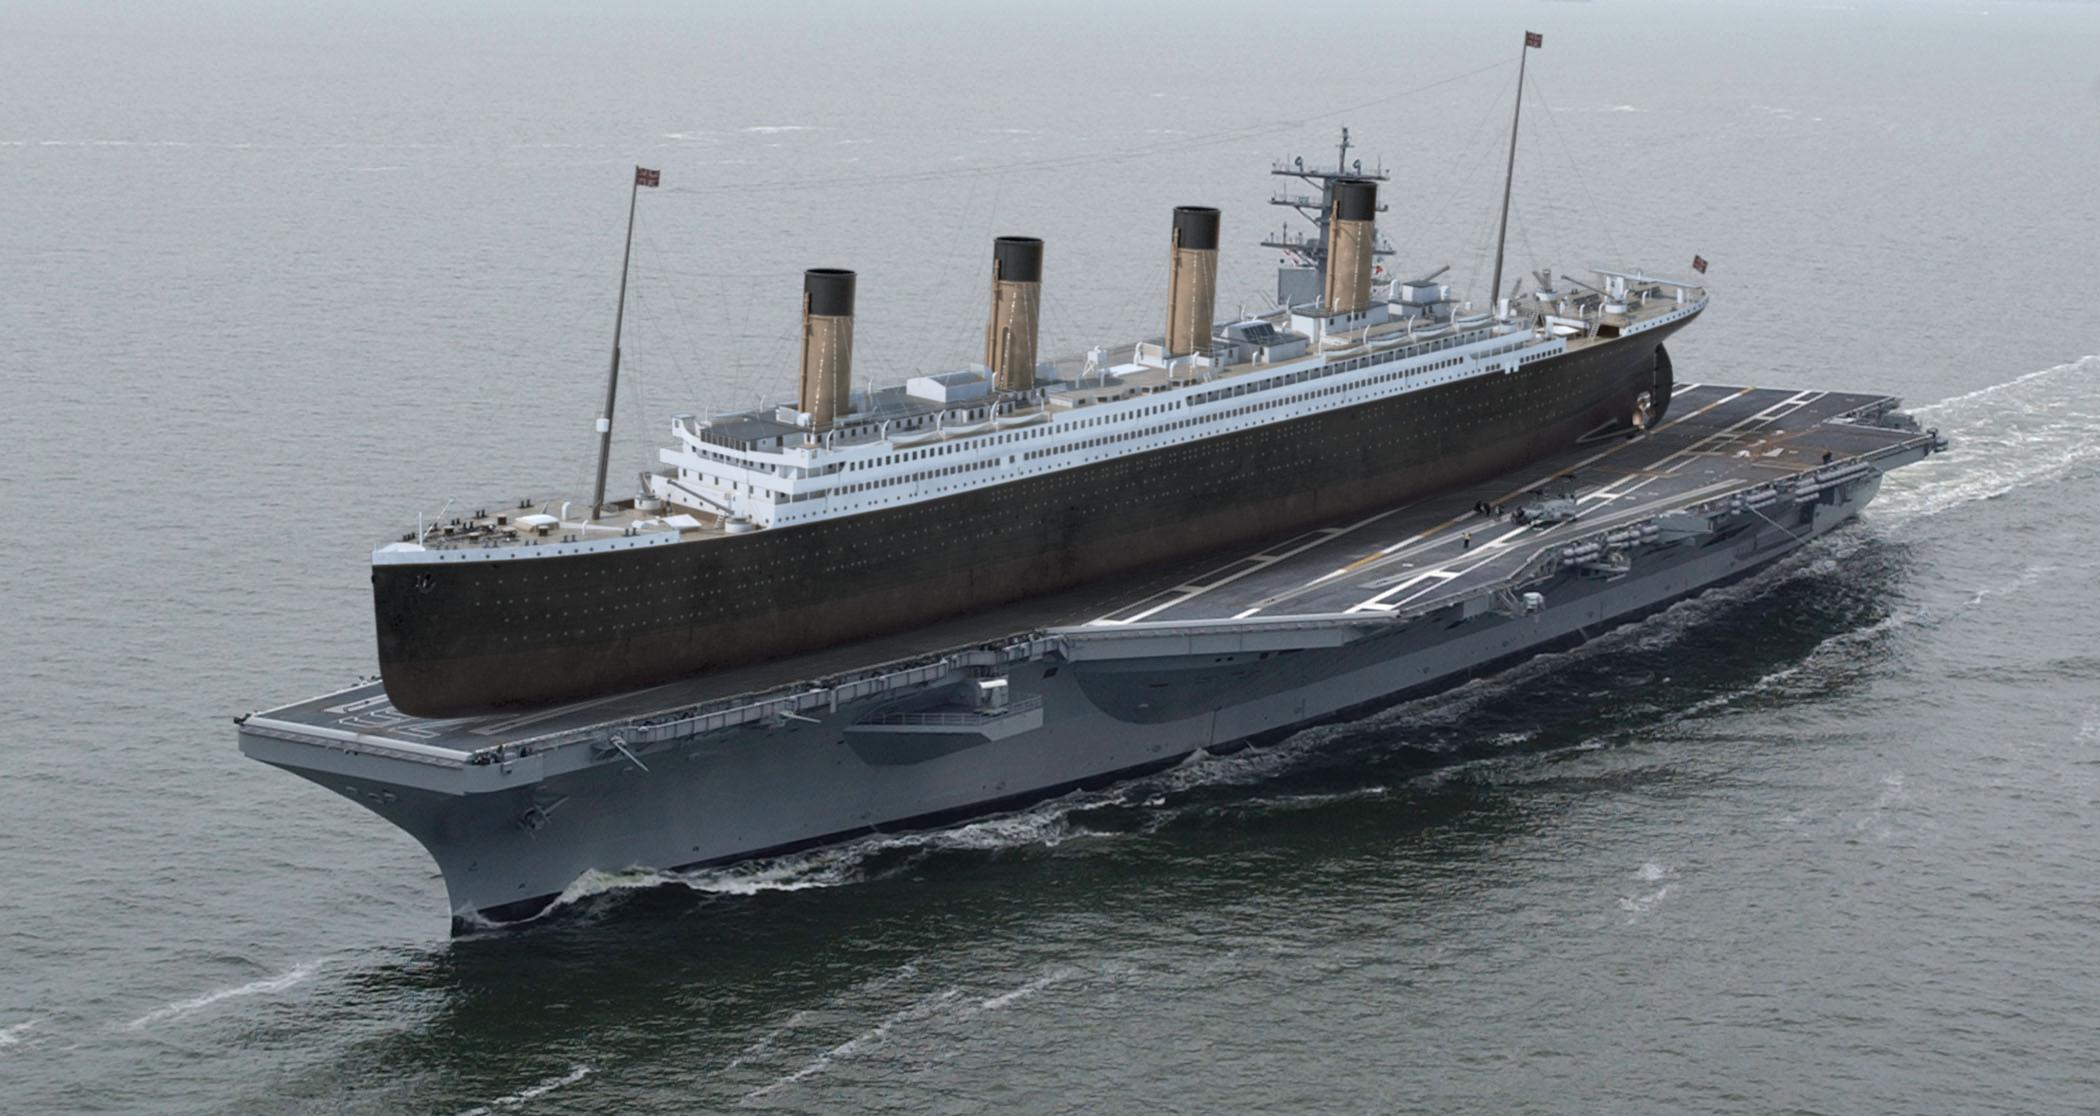 El Titanic (269 m de eslora) sobre el portaaviones USS Ronald Reagan (333 m de eslora)